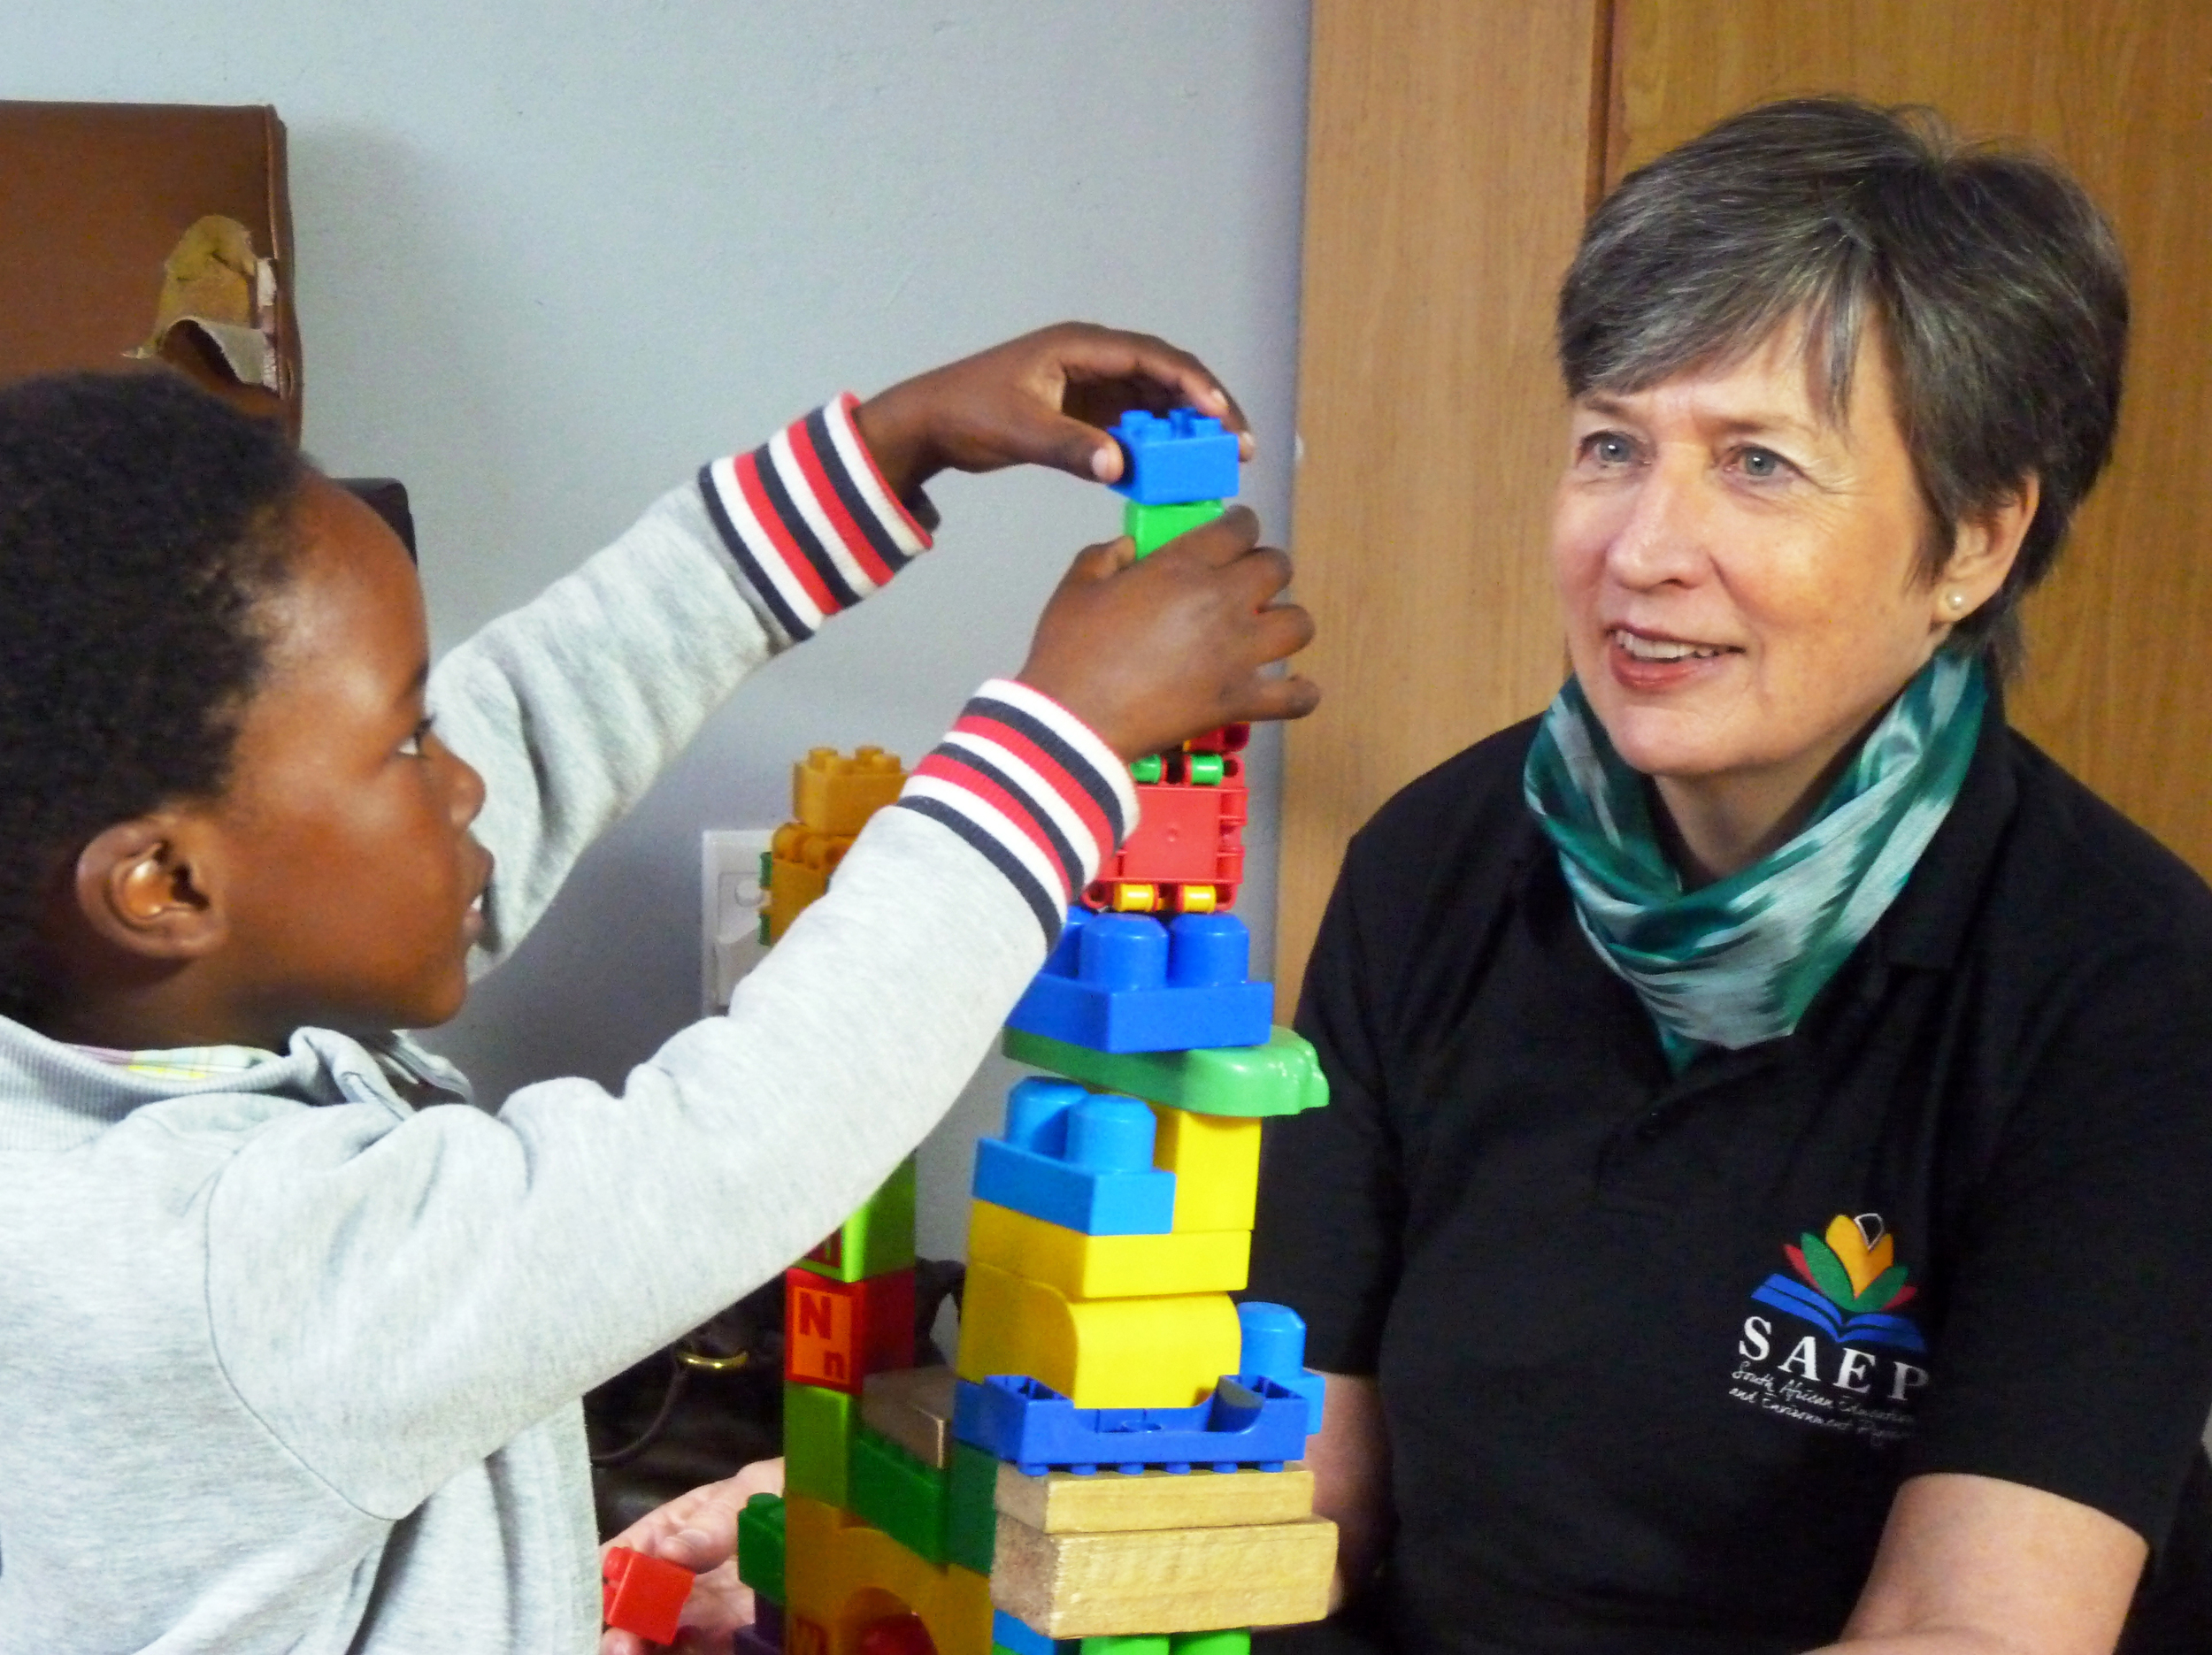 Director Jane Keen visits an SAEP preschool